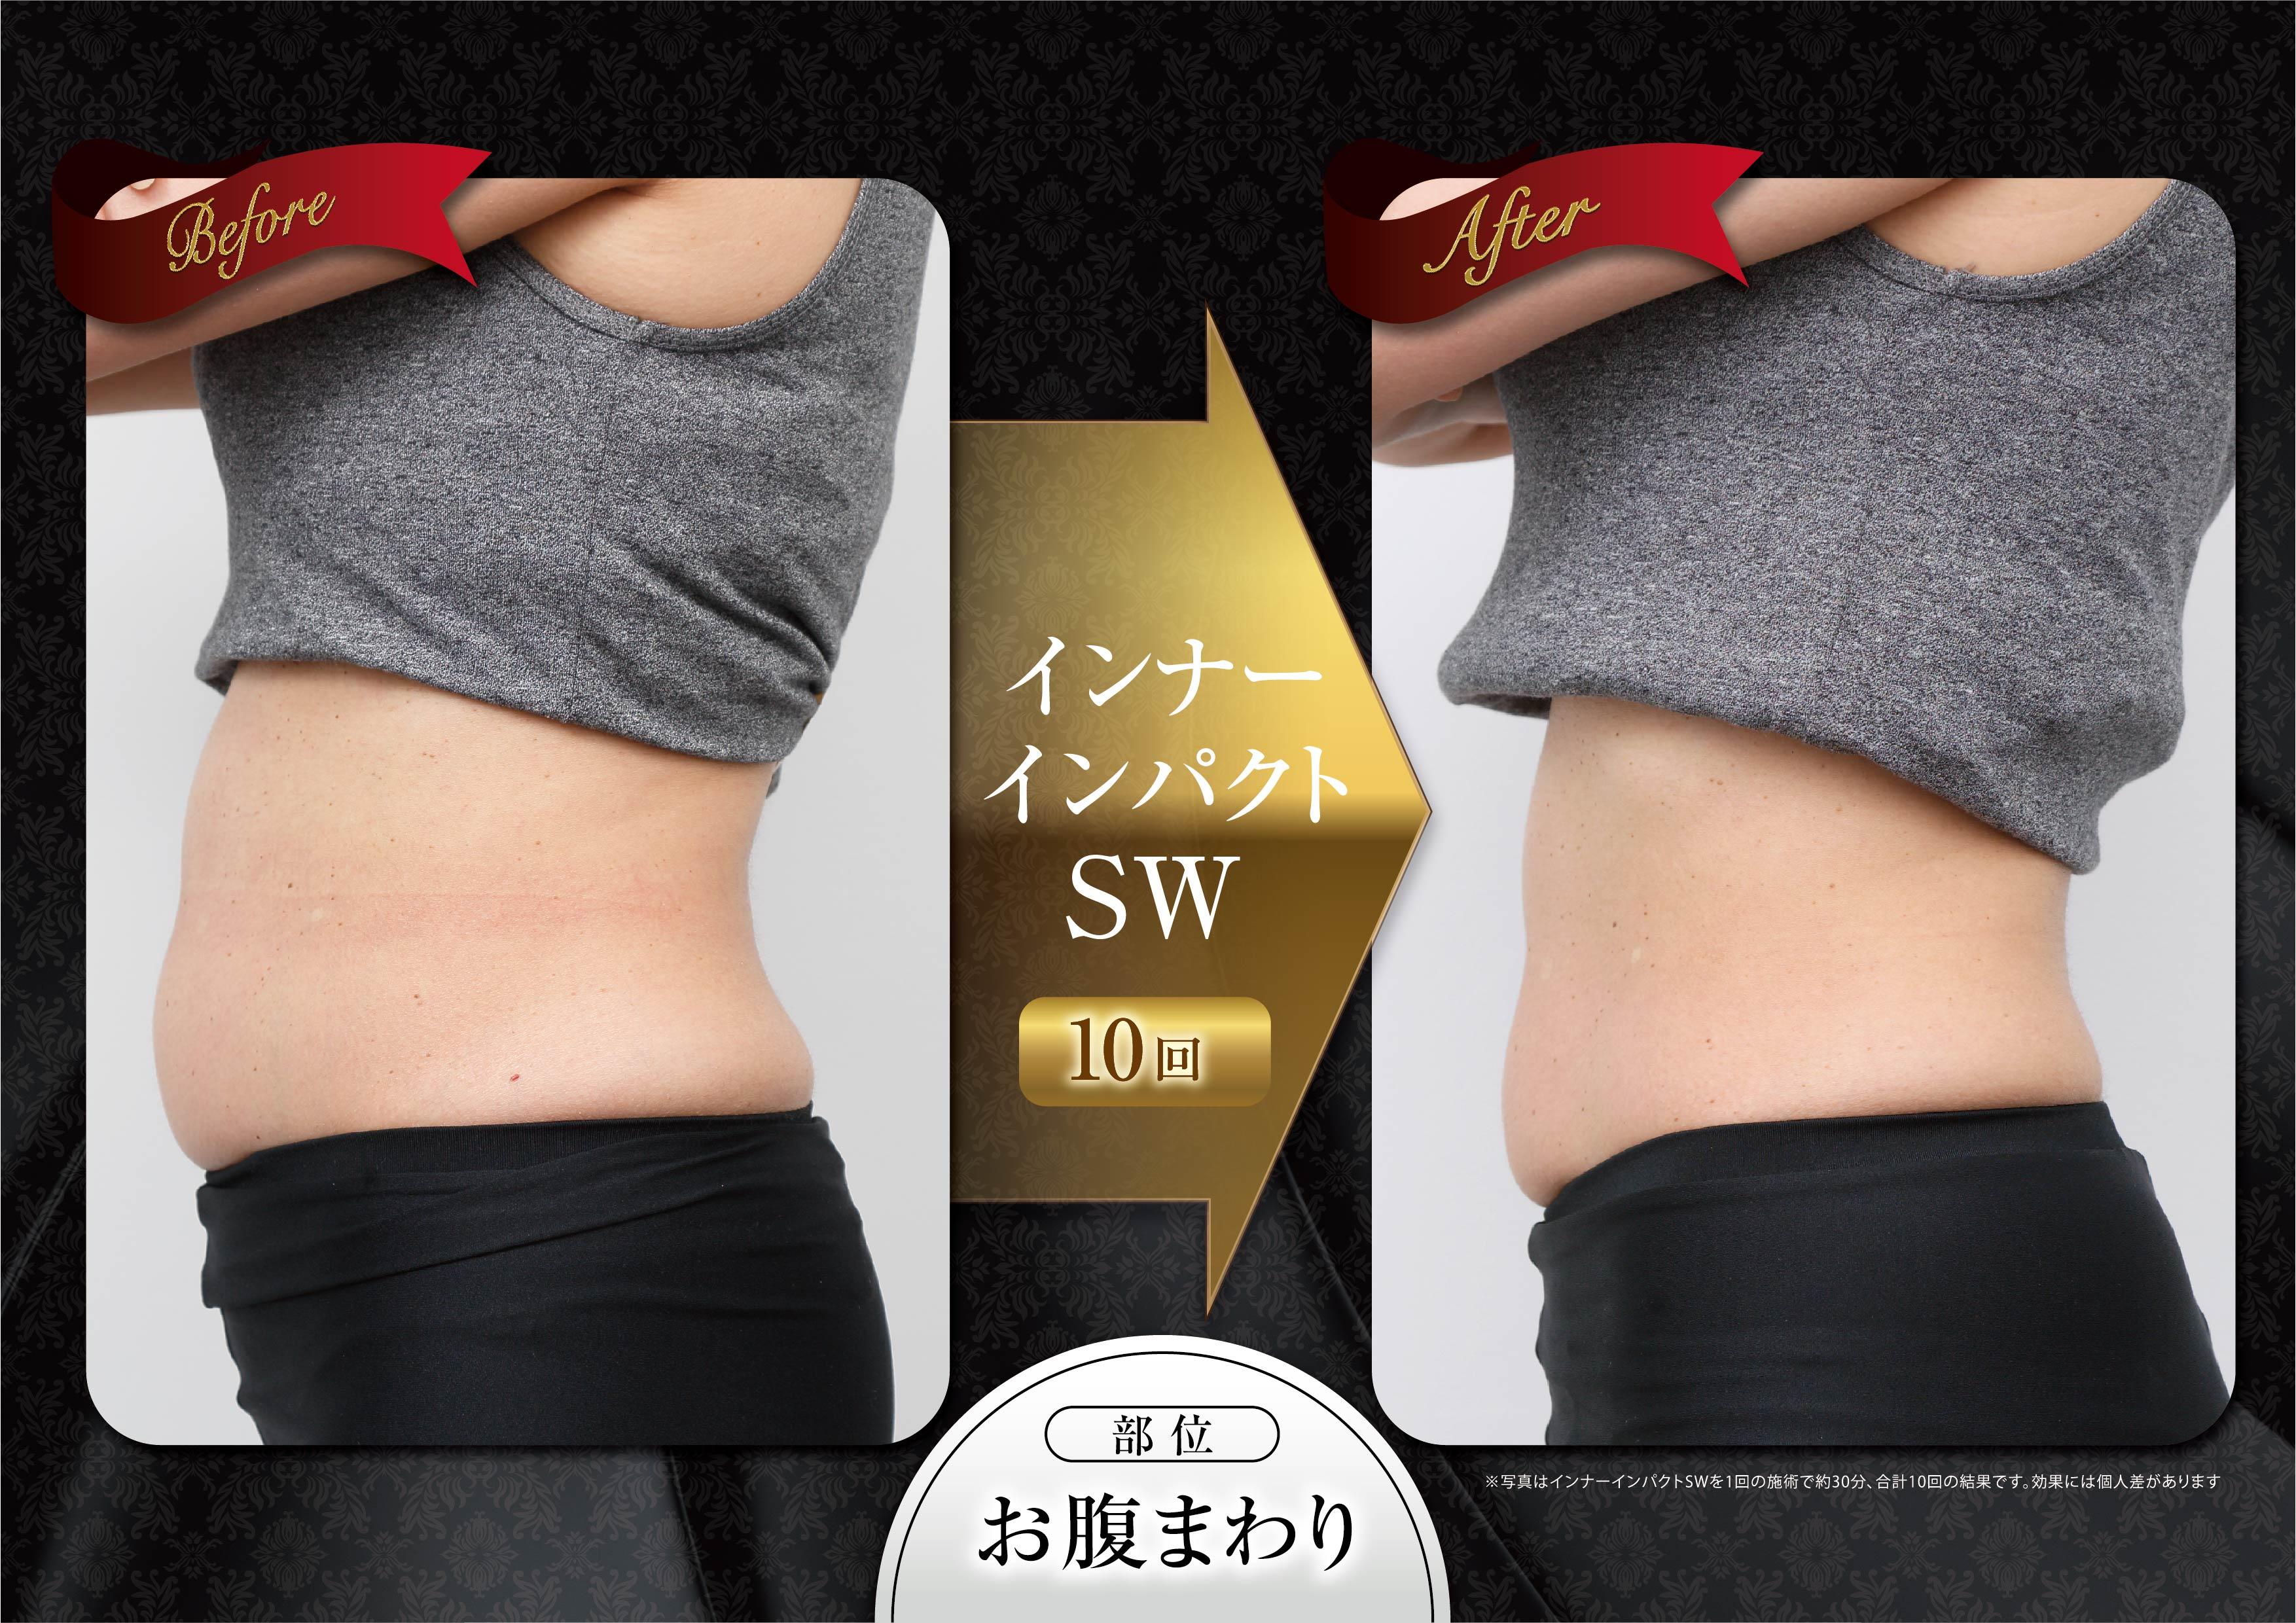 [sw]tada_harayoko-01